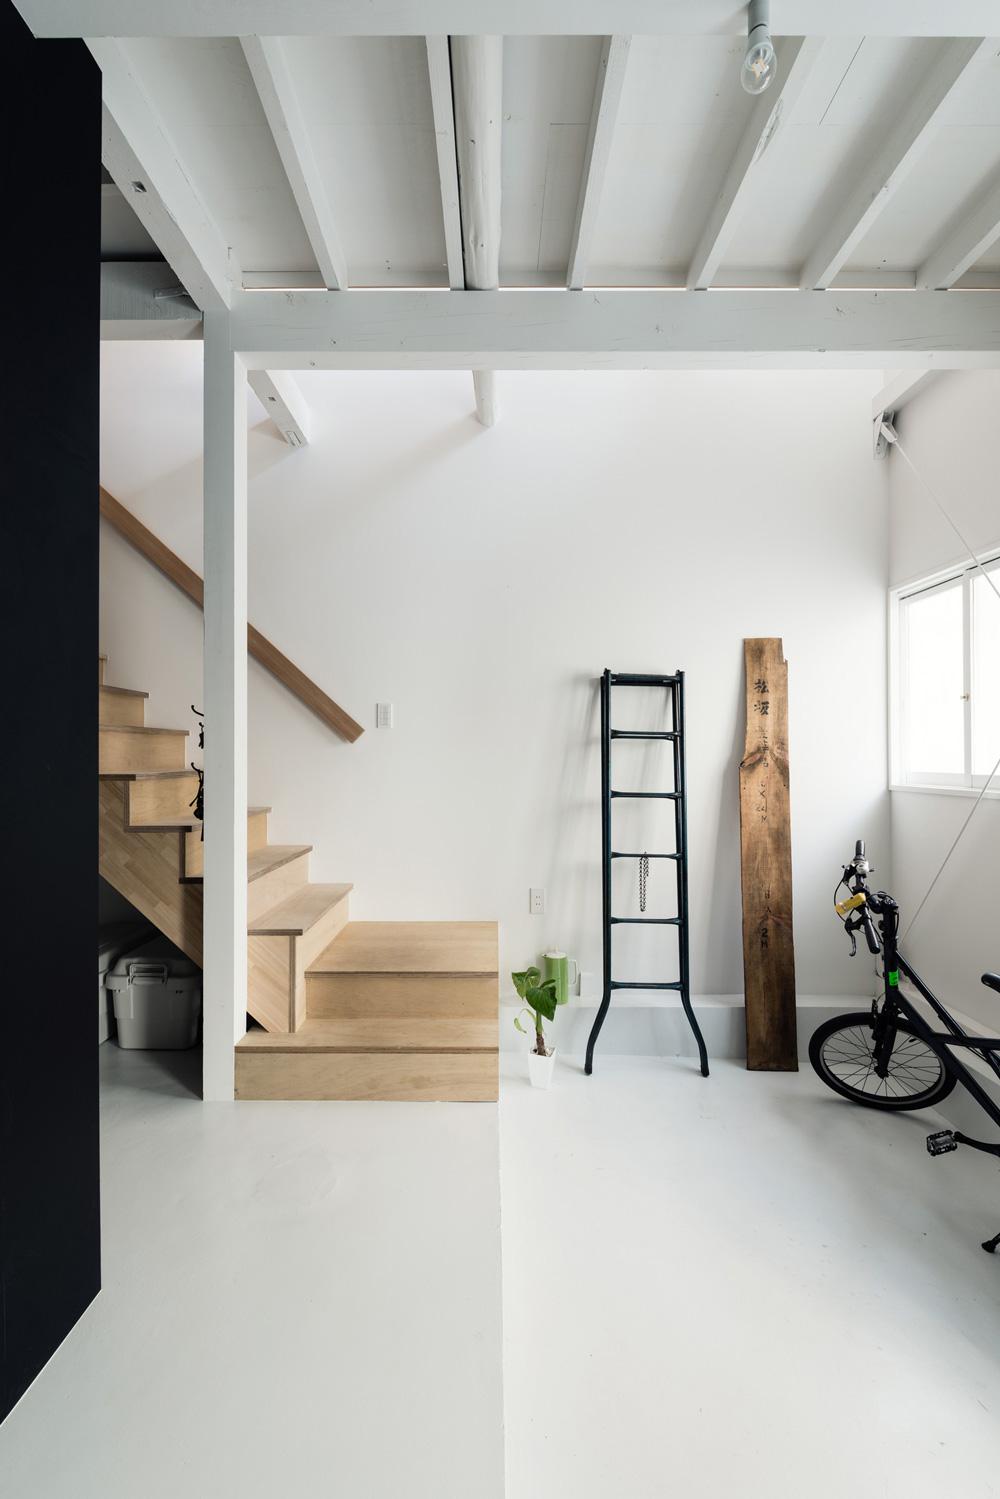 Re-Toyosaki / Coil Kazuteru Matumura Architects (21)